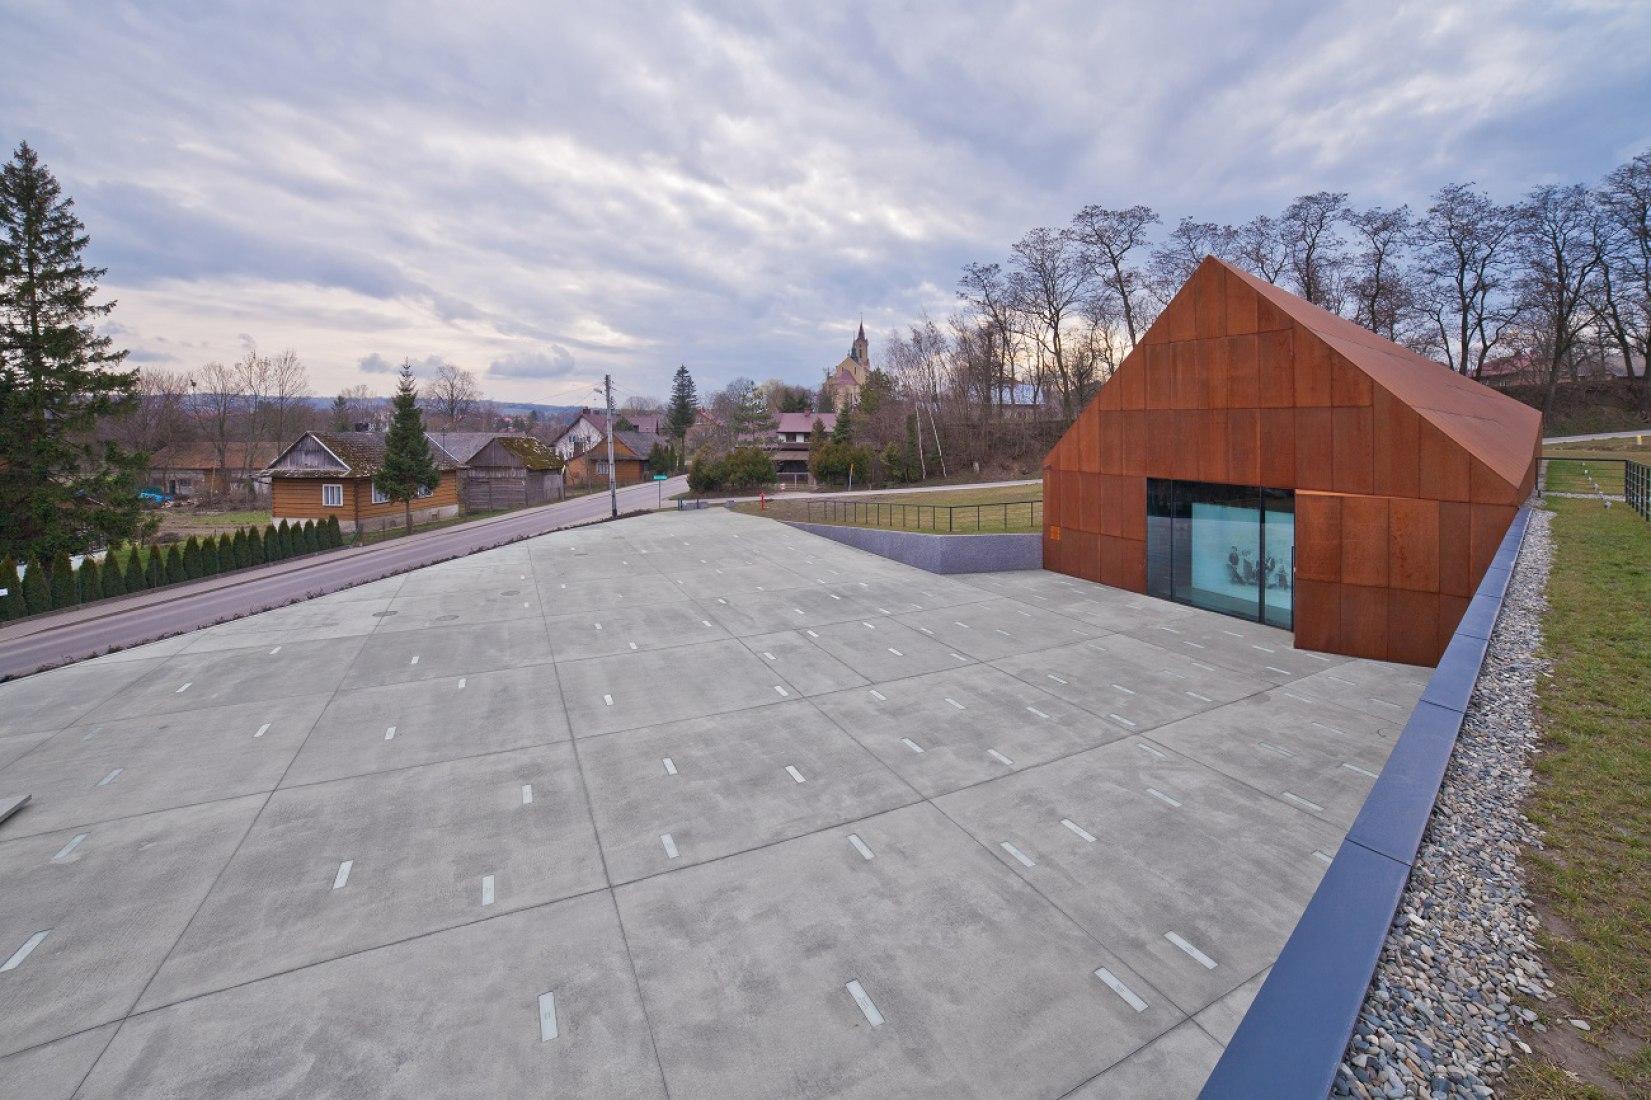 Vista exterior del Museo de la Familia Ulma por Nizio Design International. Fotografía © L.Kwartowicz. Imagen cortesía de Nizio Design International.